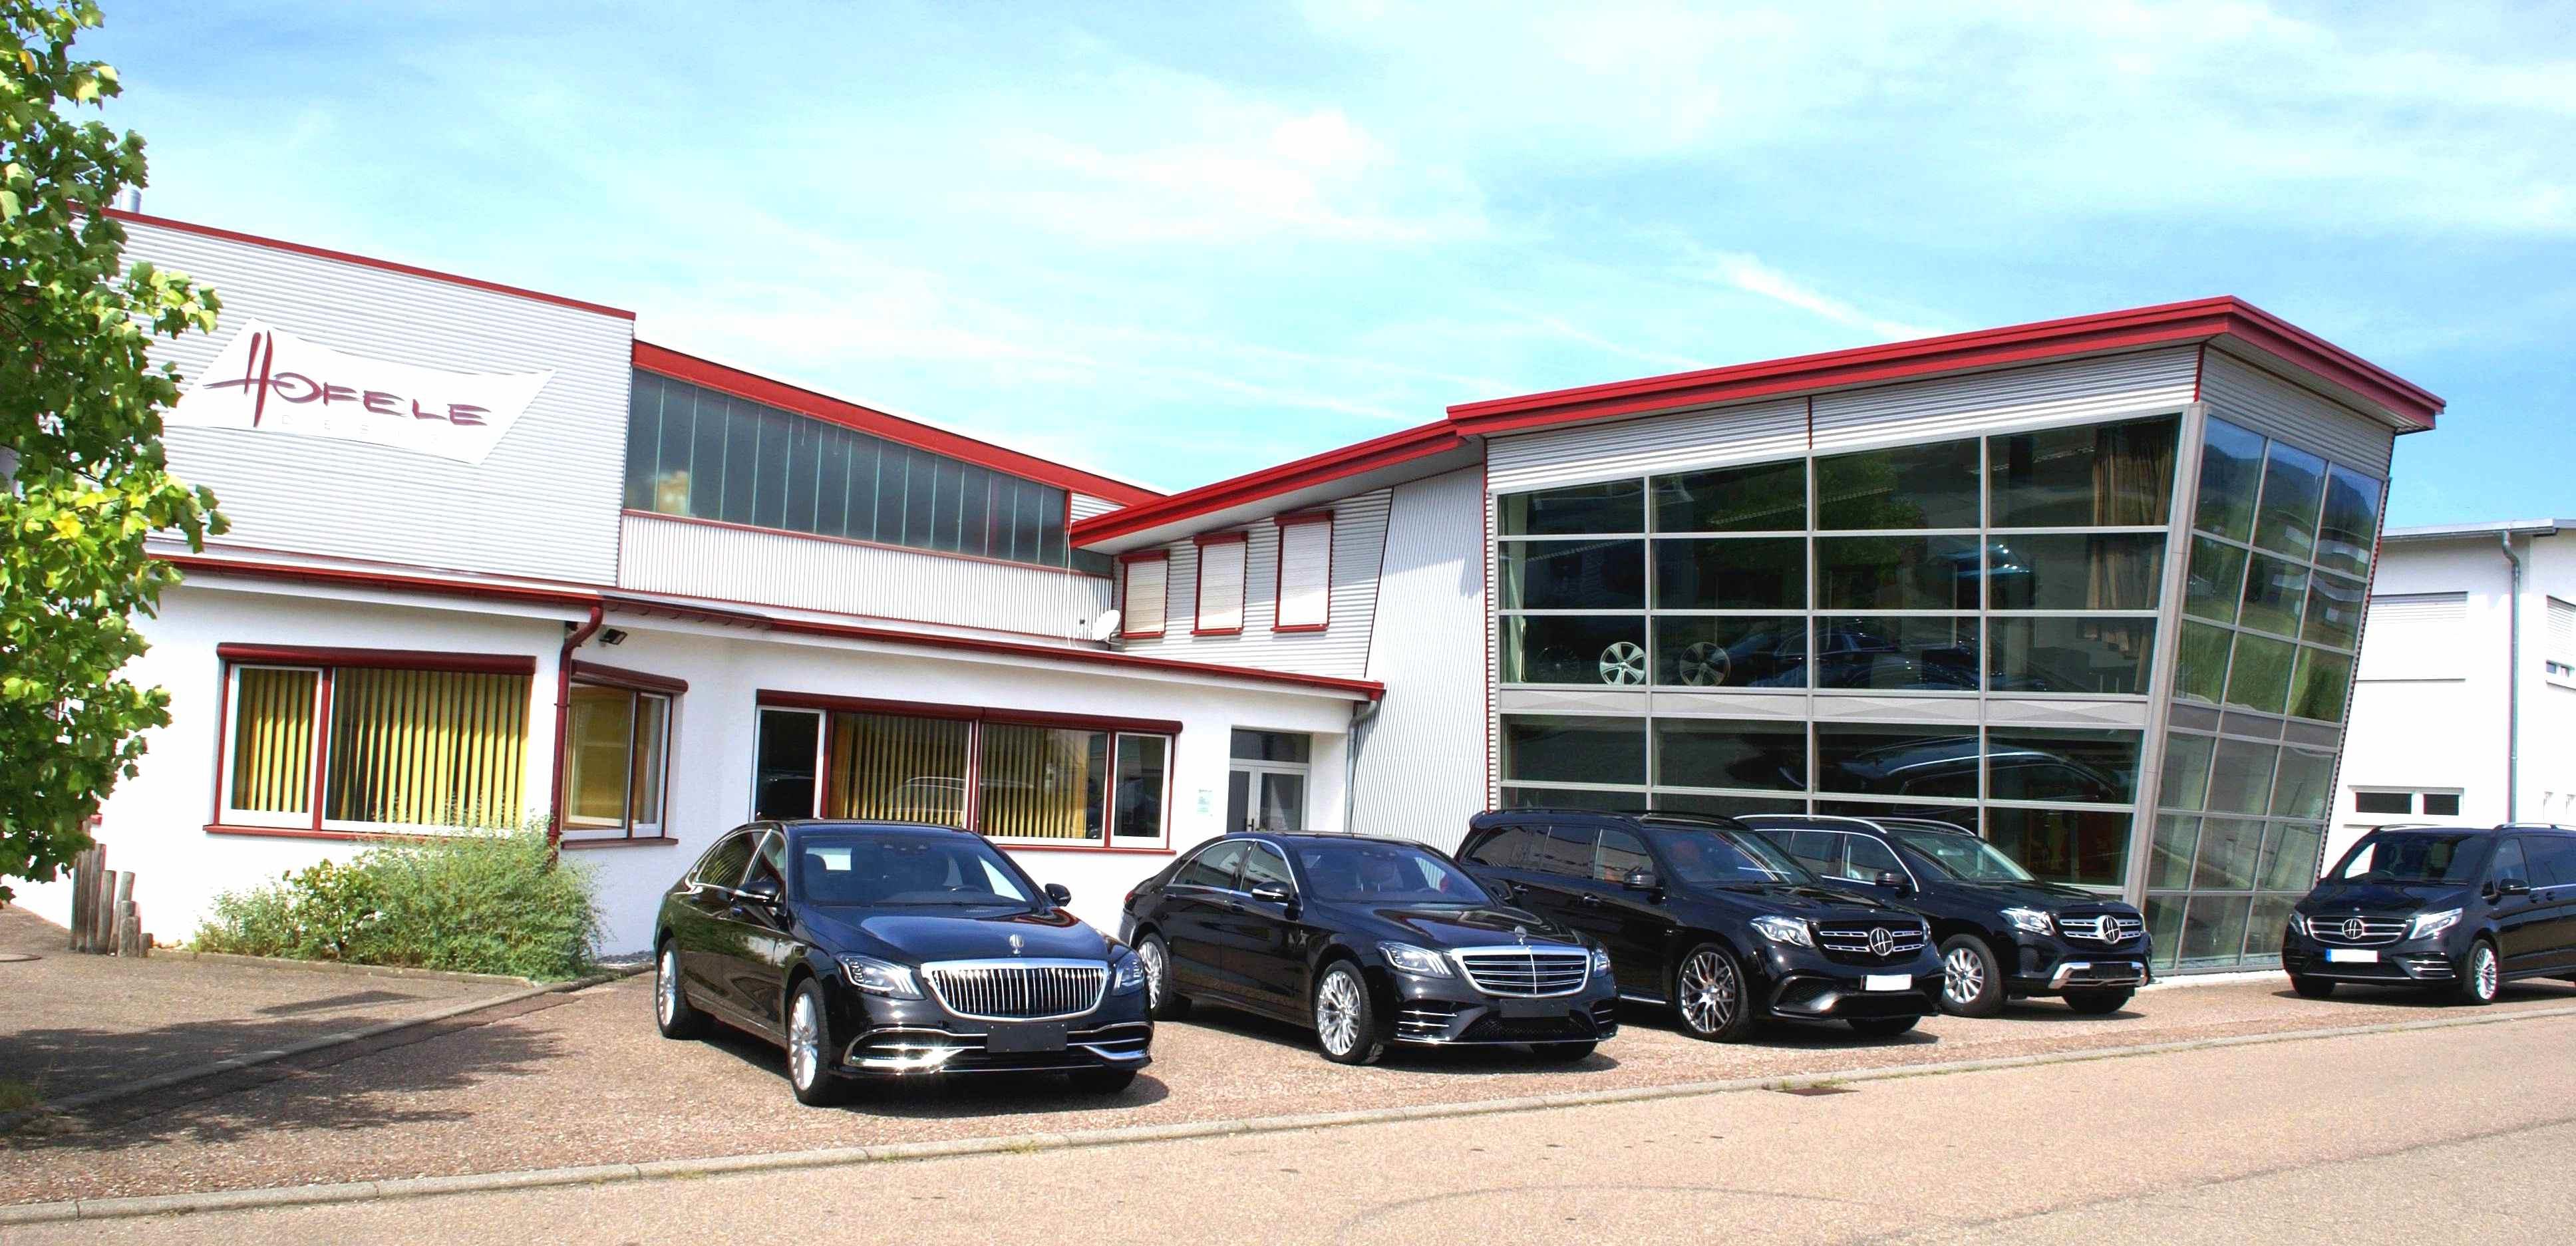 HOFELE-Design factory in Donzdorf.png